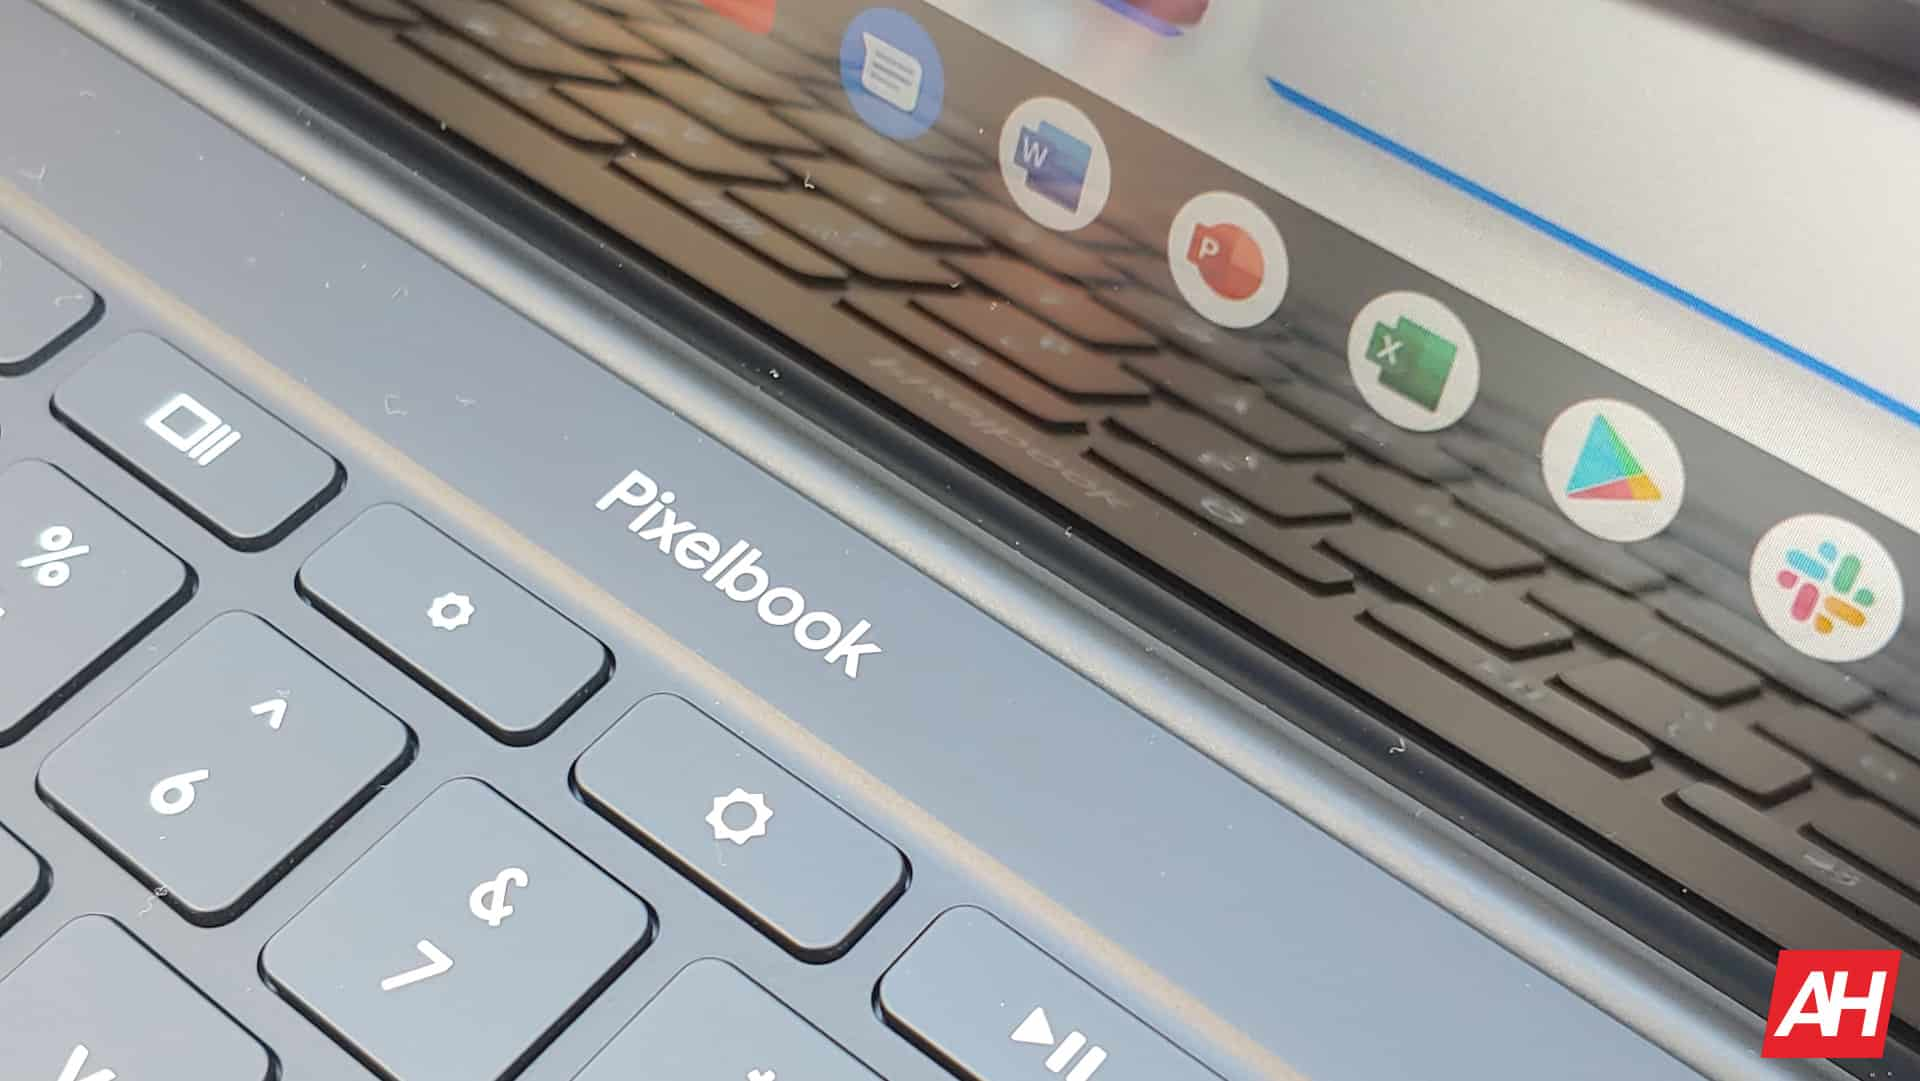 Google Pixelbook Go Hands On 5